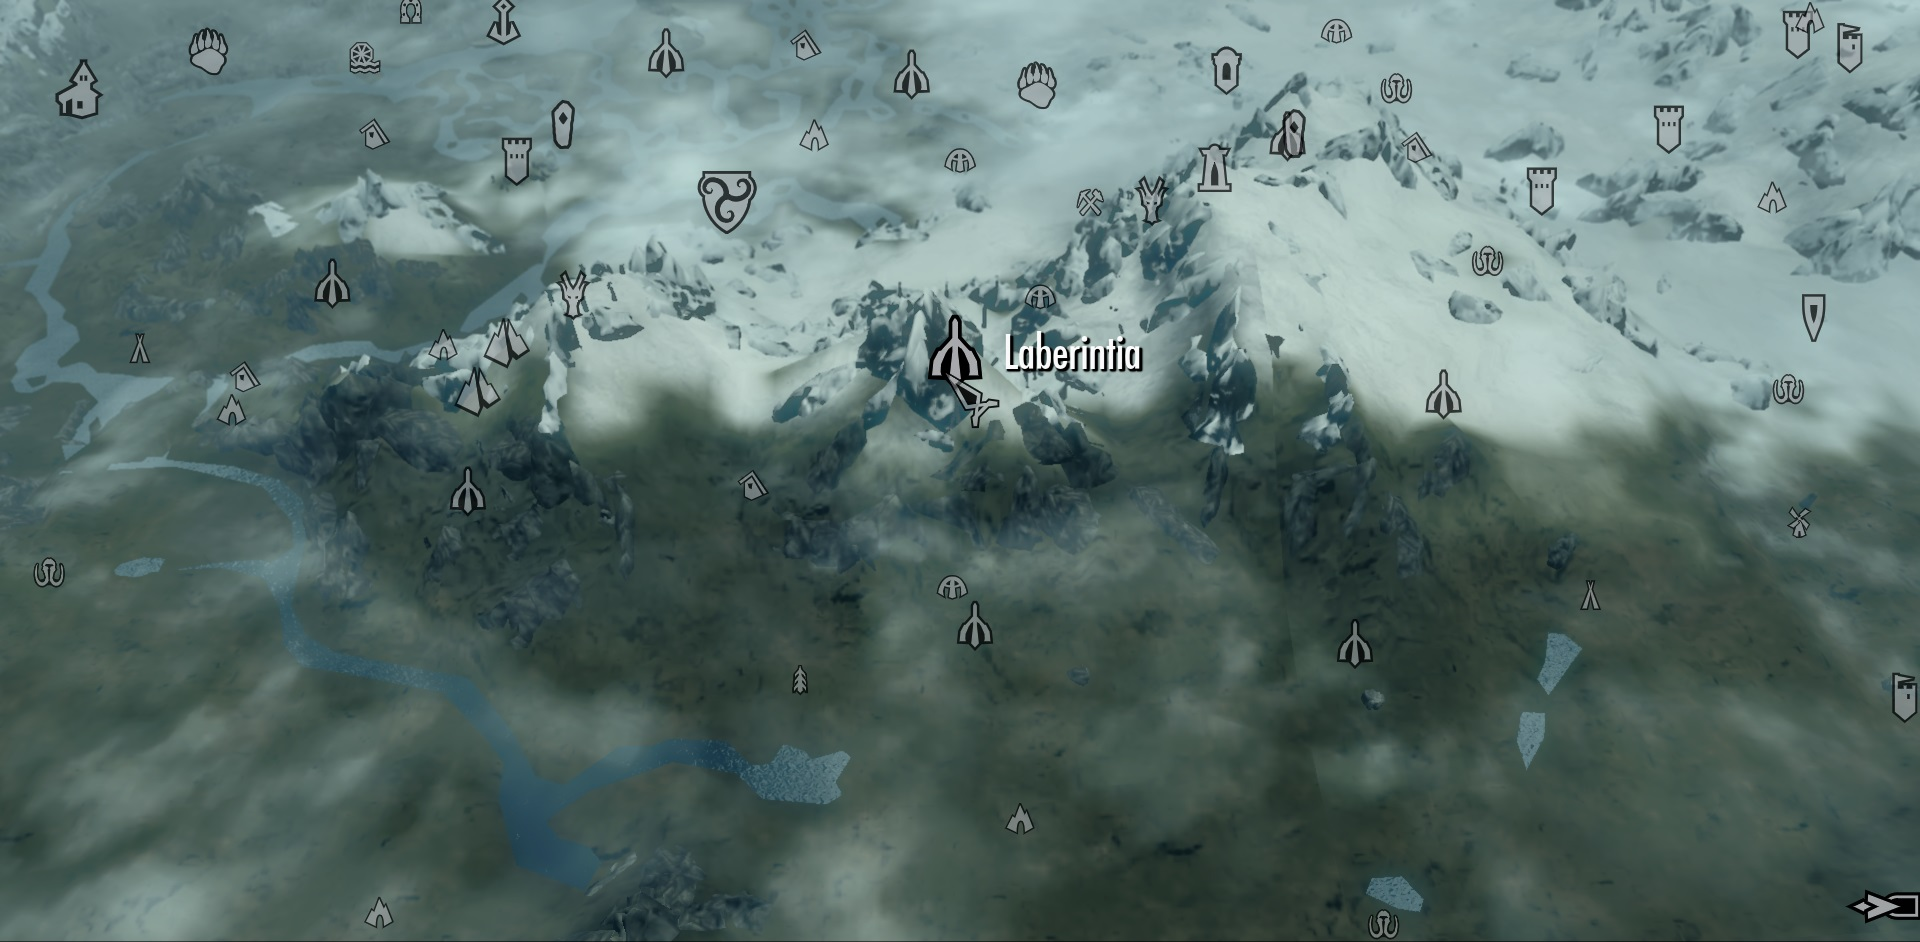 Laberintia (Skyrim)